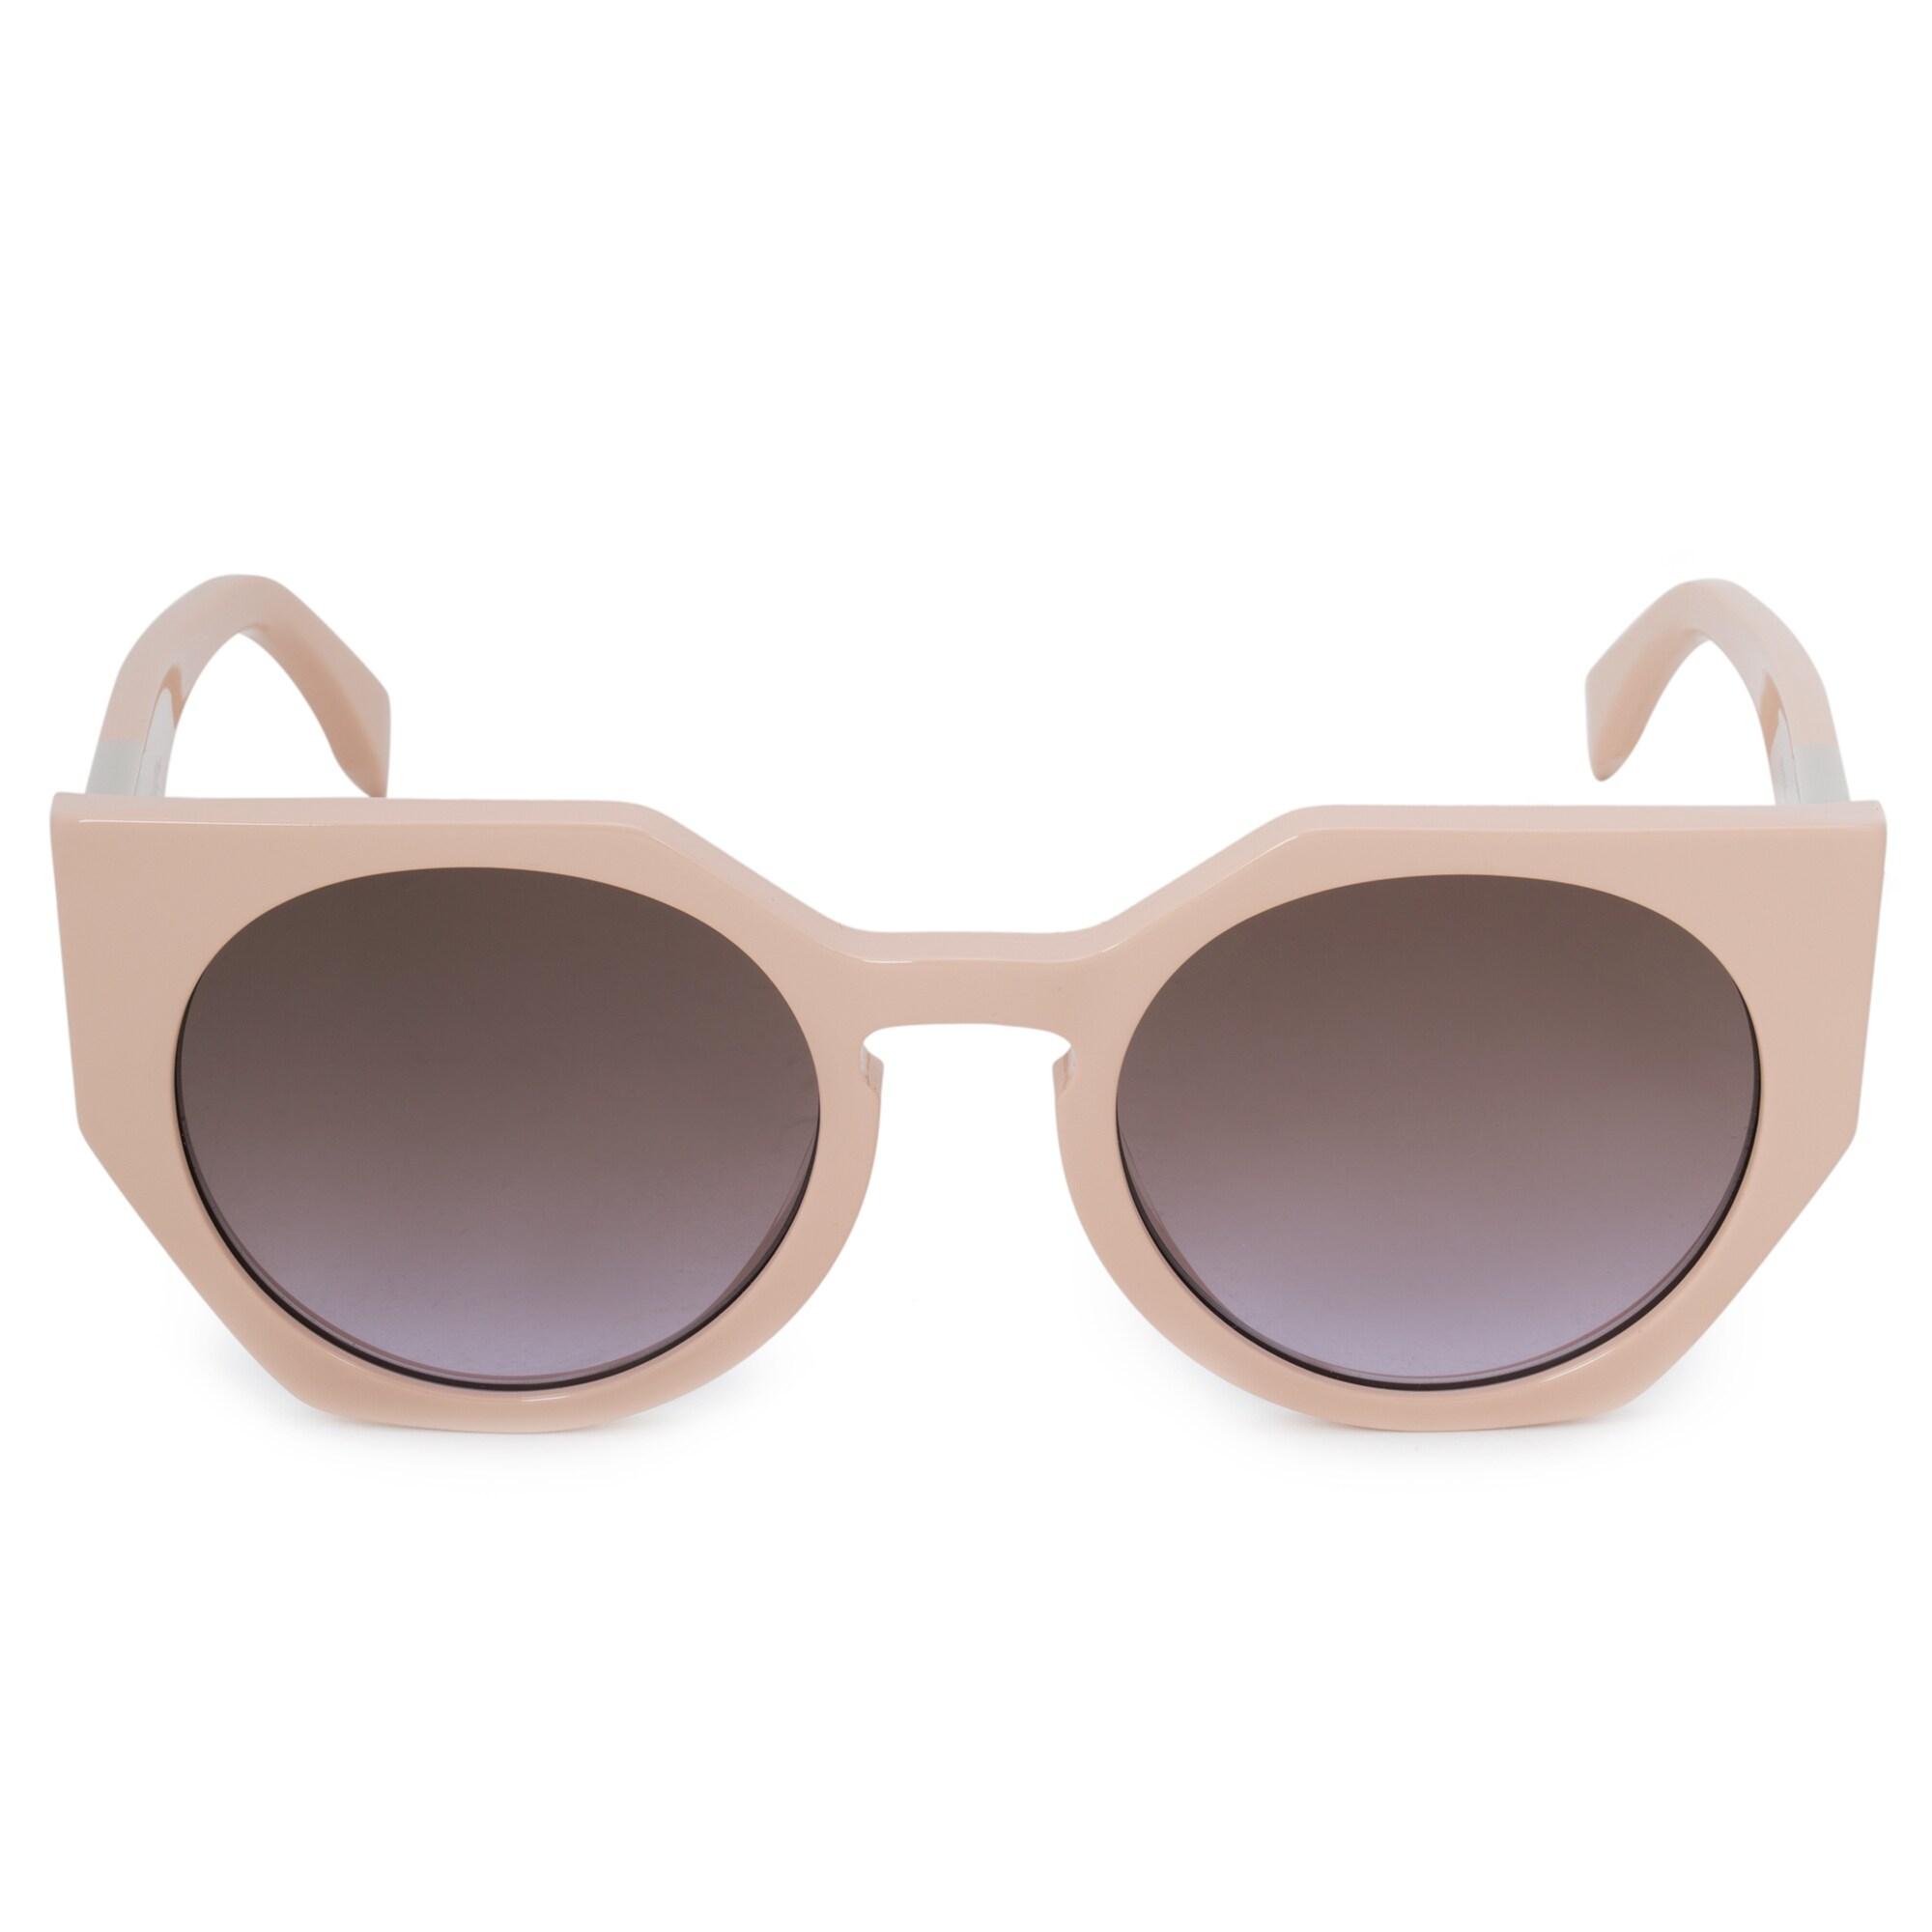 7e5b6f9342cf Fendi Women s Sunglasses